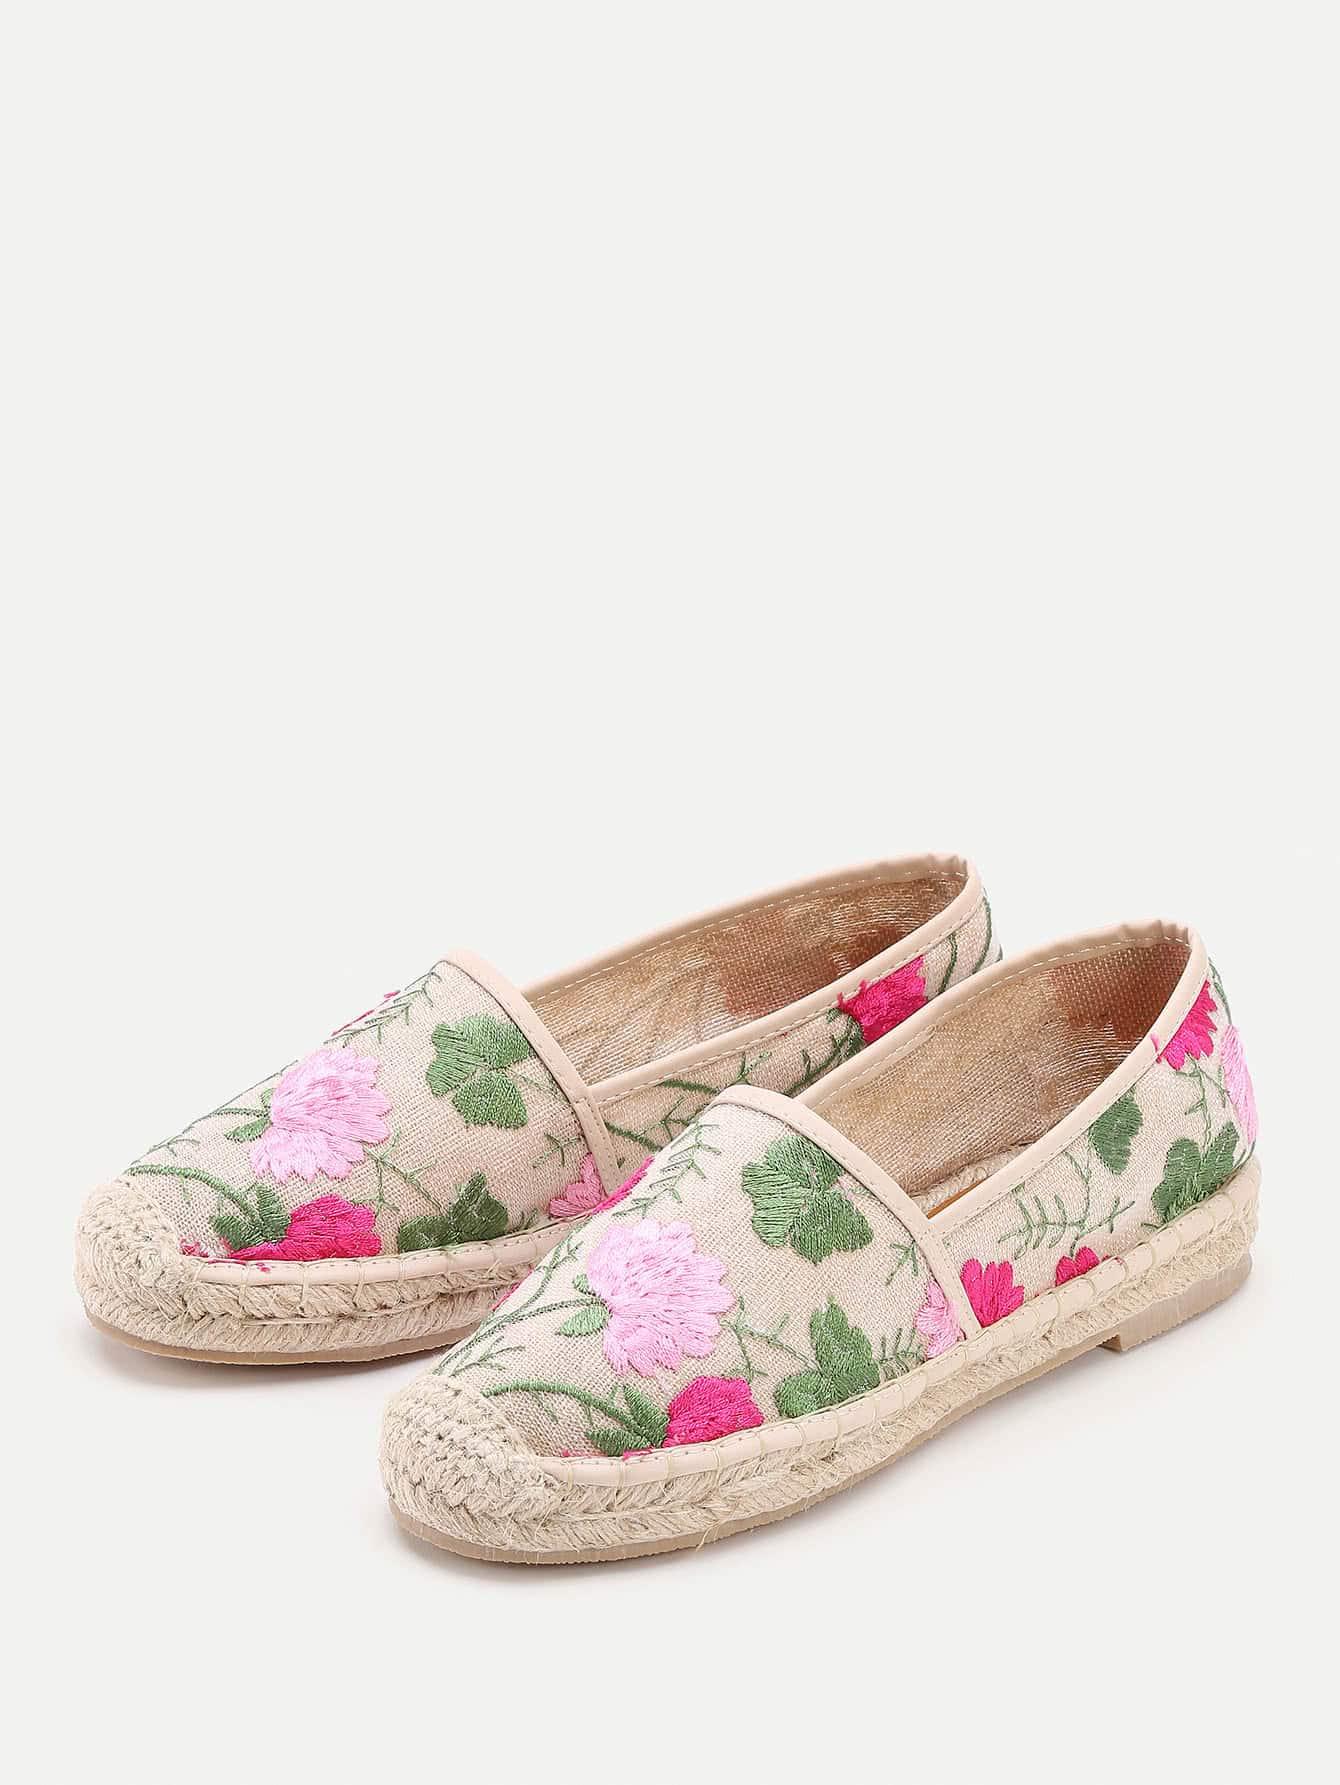 shoes170518822_2